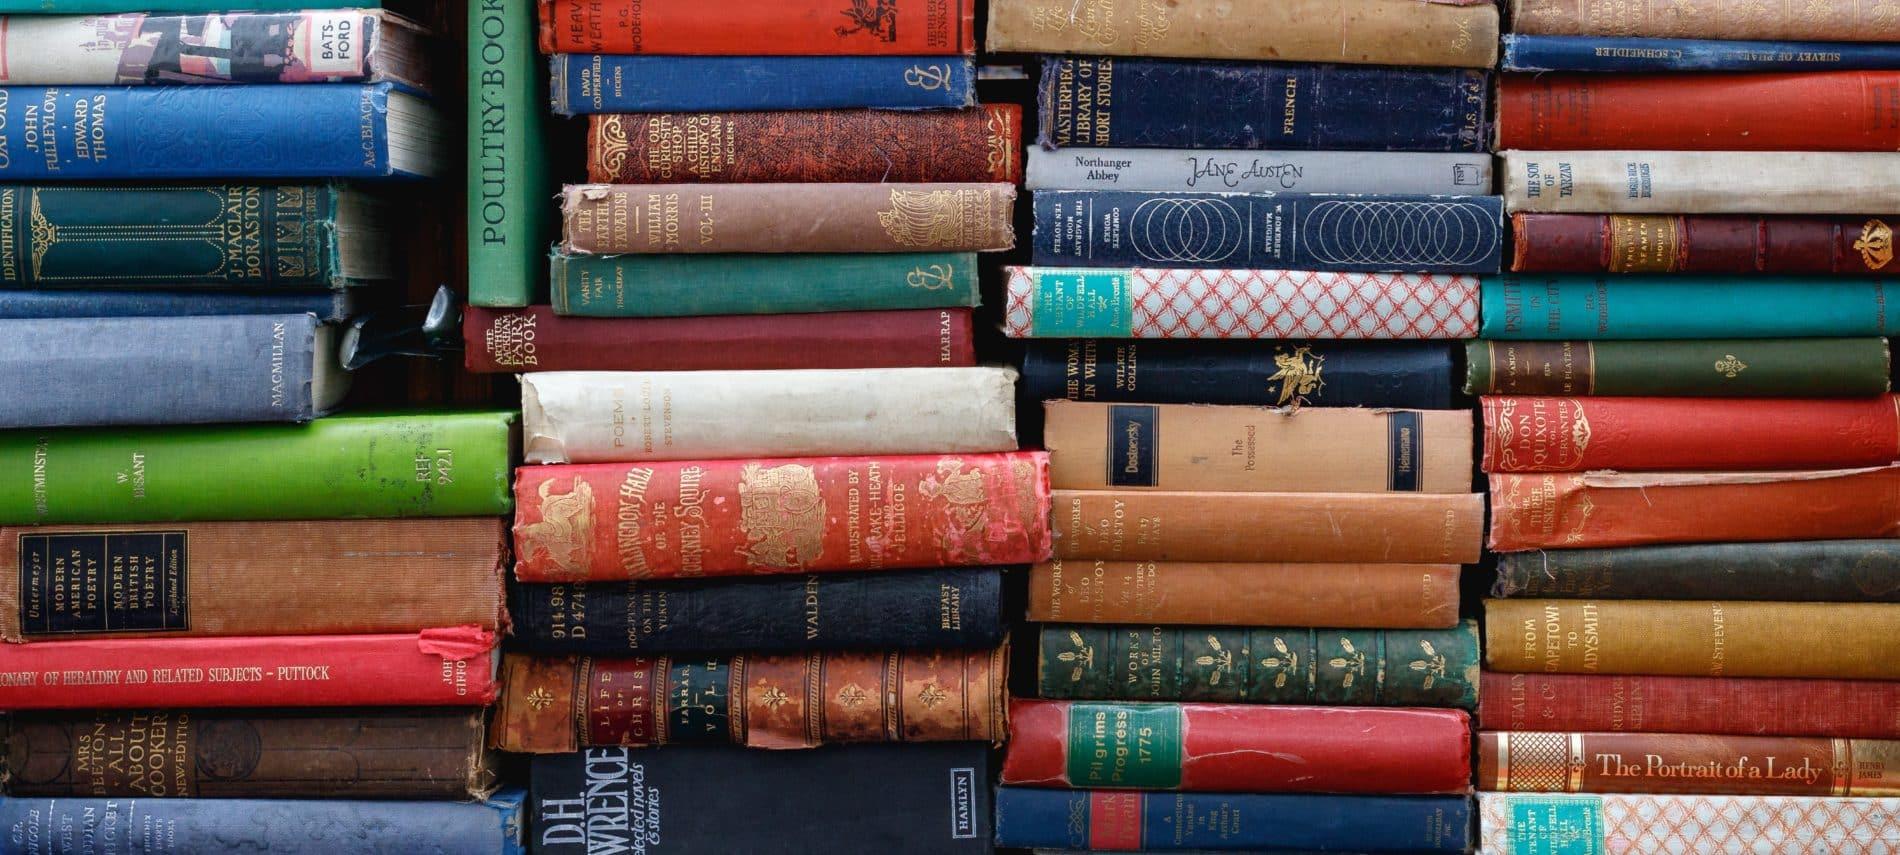 Book shelf full of stacks of books.